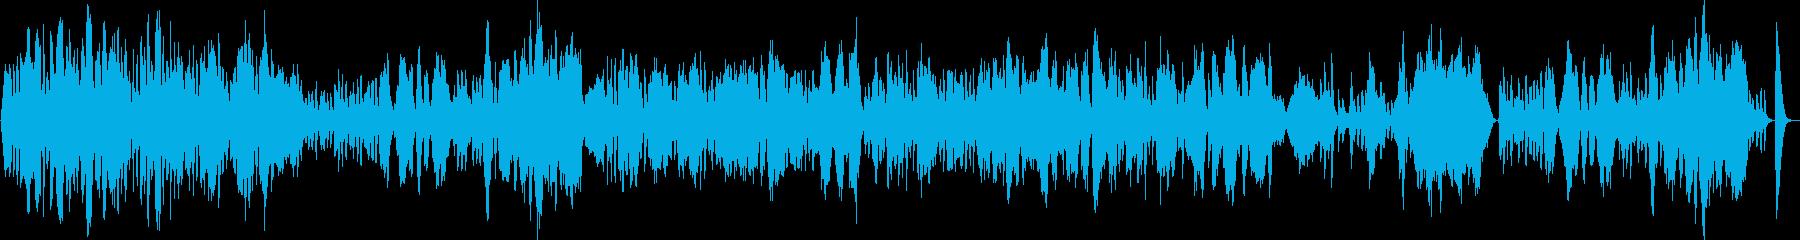 優雅な弦楽四重奏の再生済みの波形